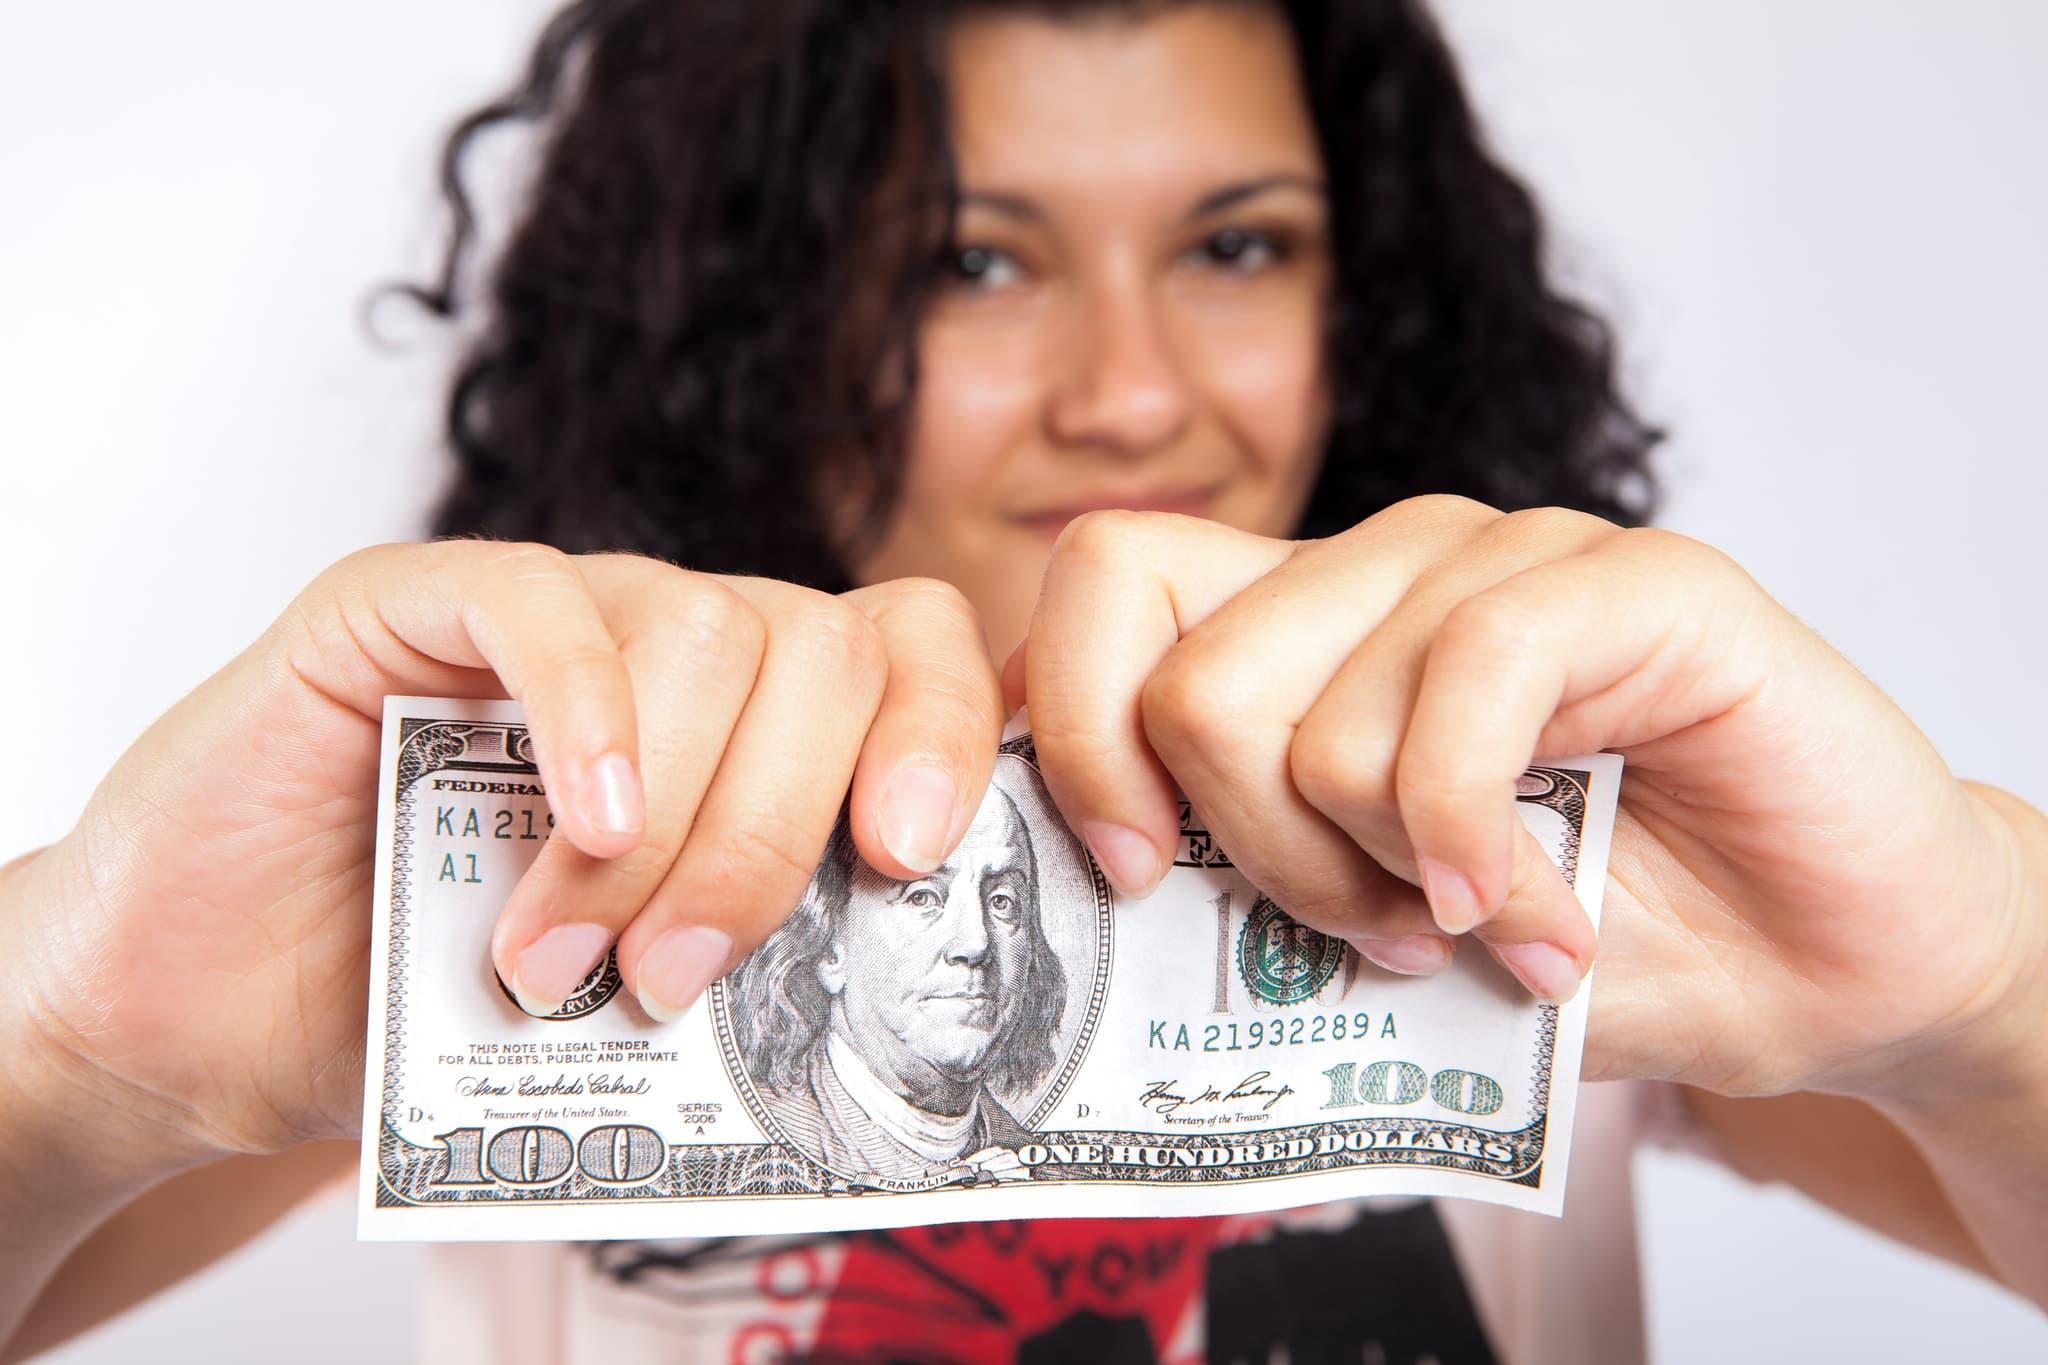 Maßnahmen gegen Inflation: Hilft Gold gegen Inflation? Helfen Aktien gegen Inflation? Hier sind 2 weitere geniale Maßnahmen!